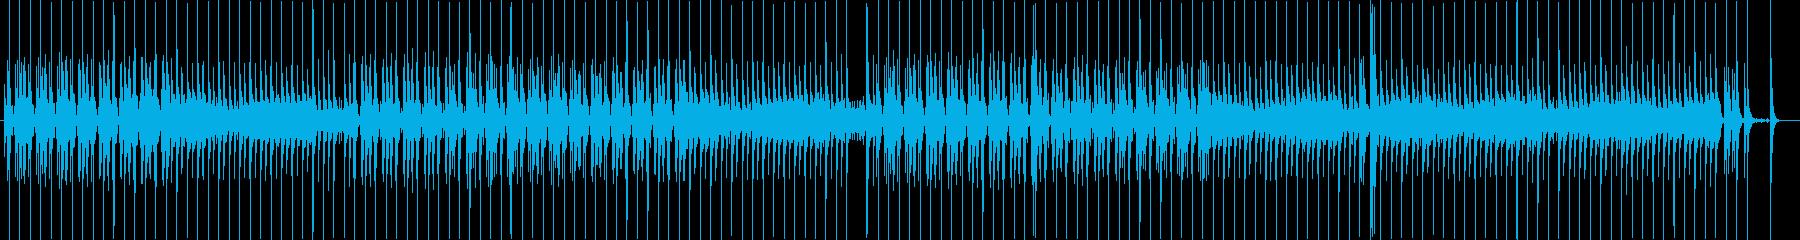 泡とドラムの無機質でクールなBGMの再生済みの波形